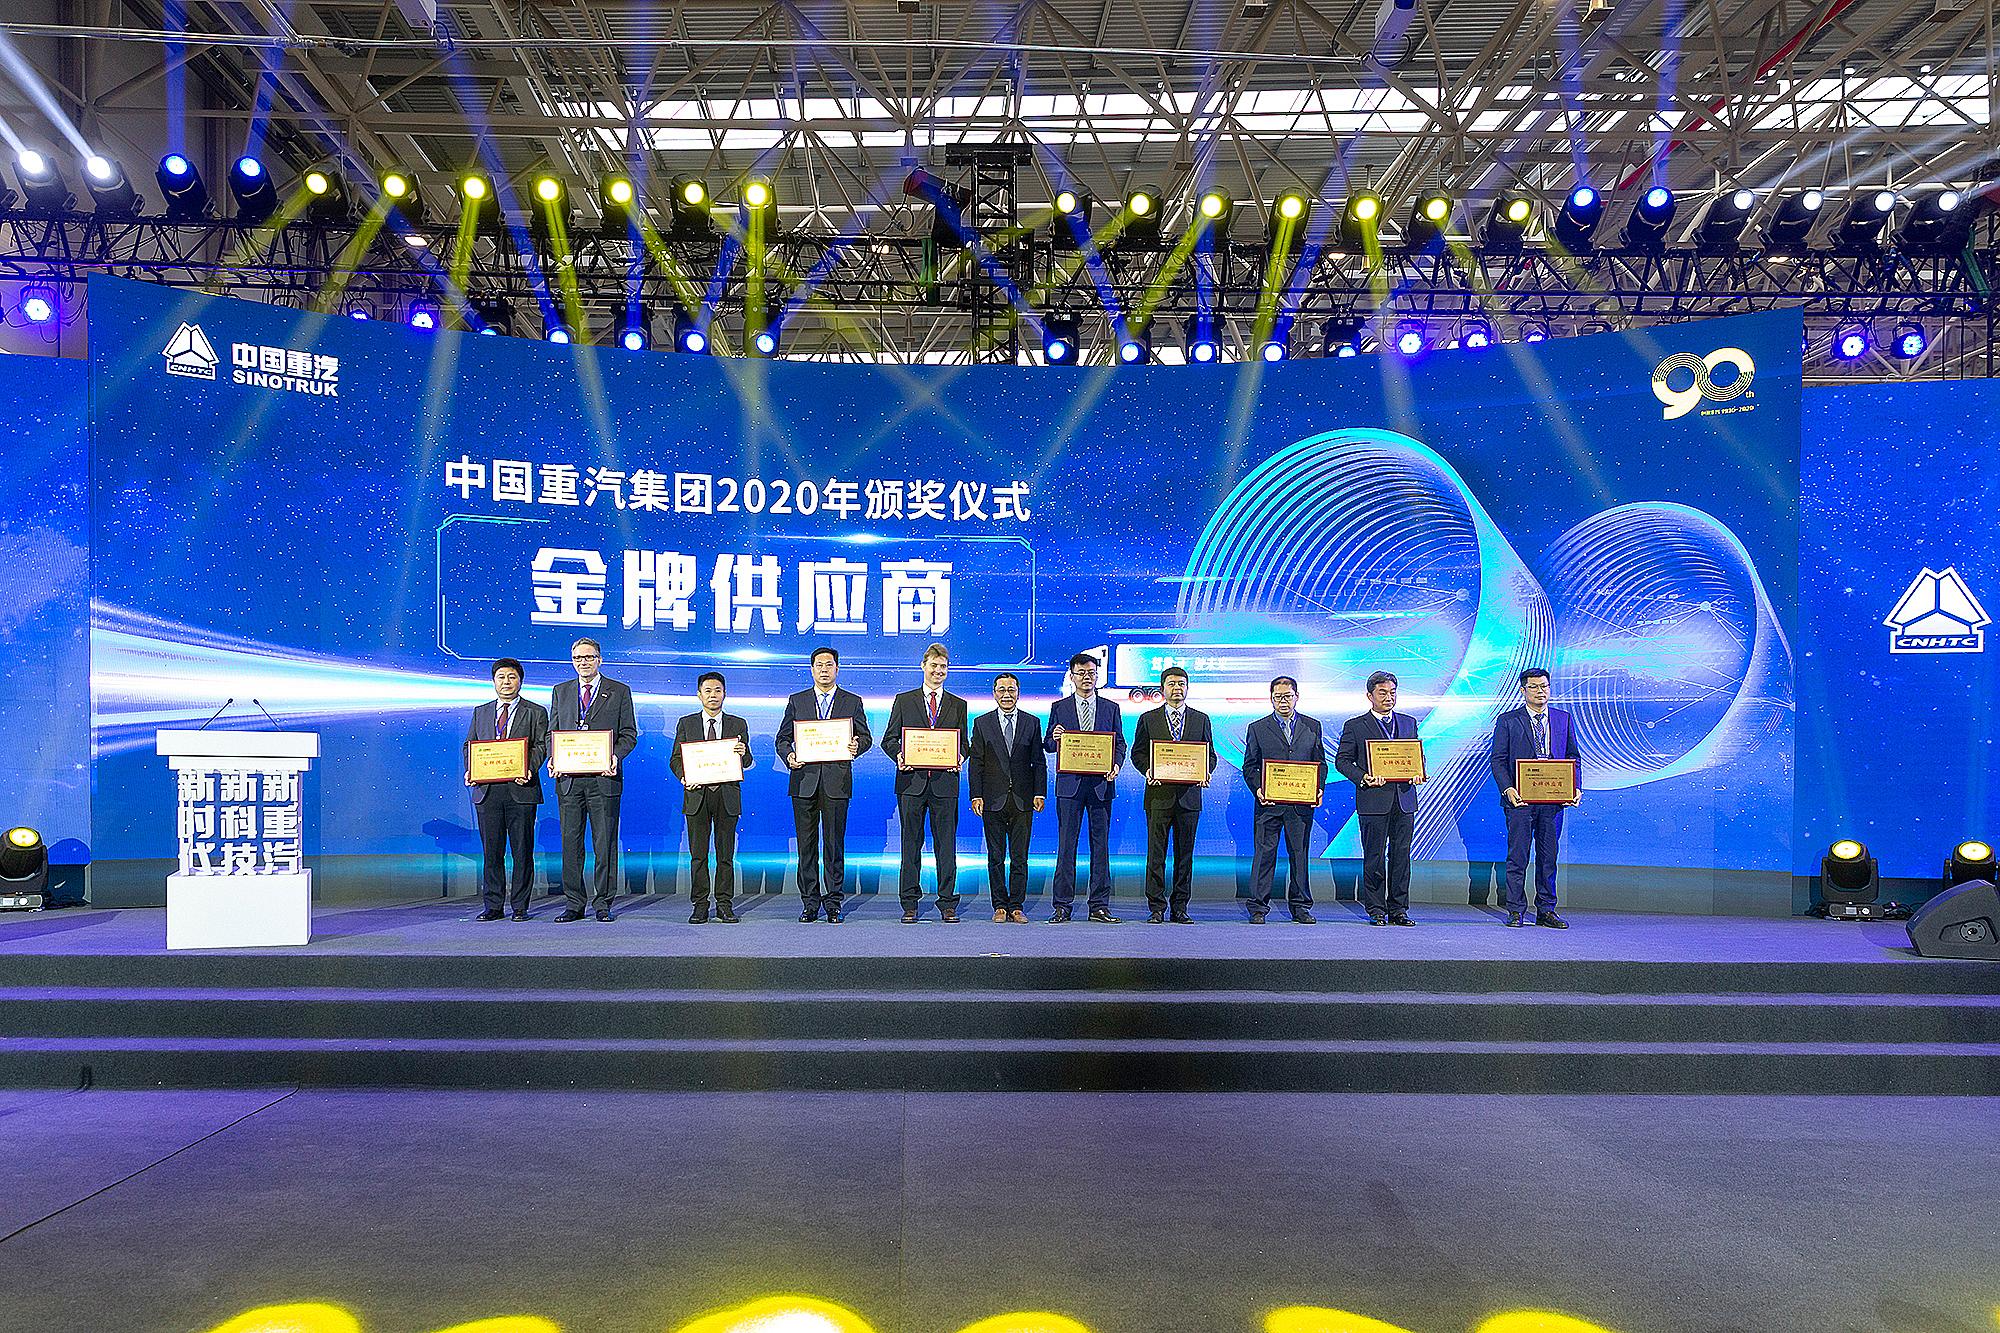 新时代、新科技、新重汽 中国重汽集团召开2021年供应商大会